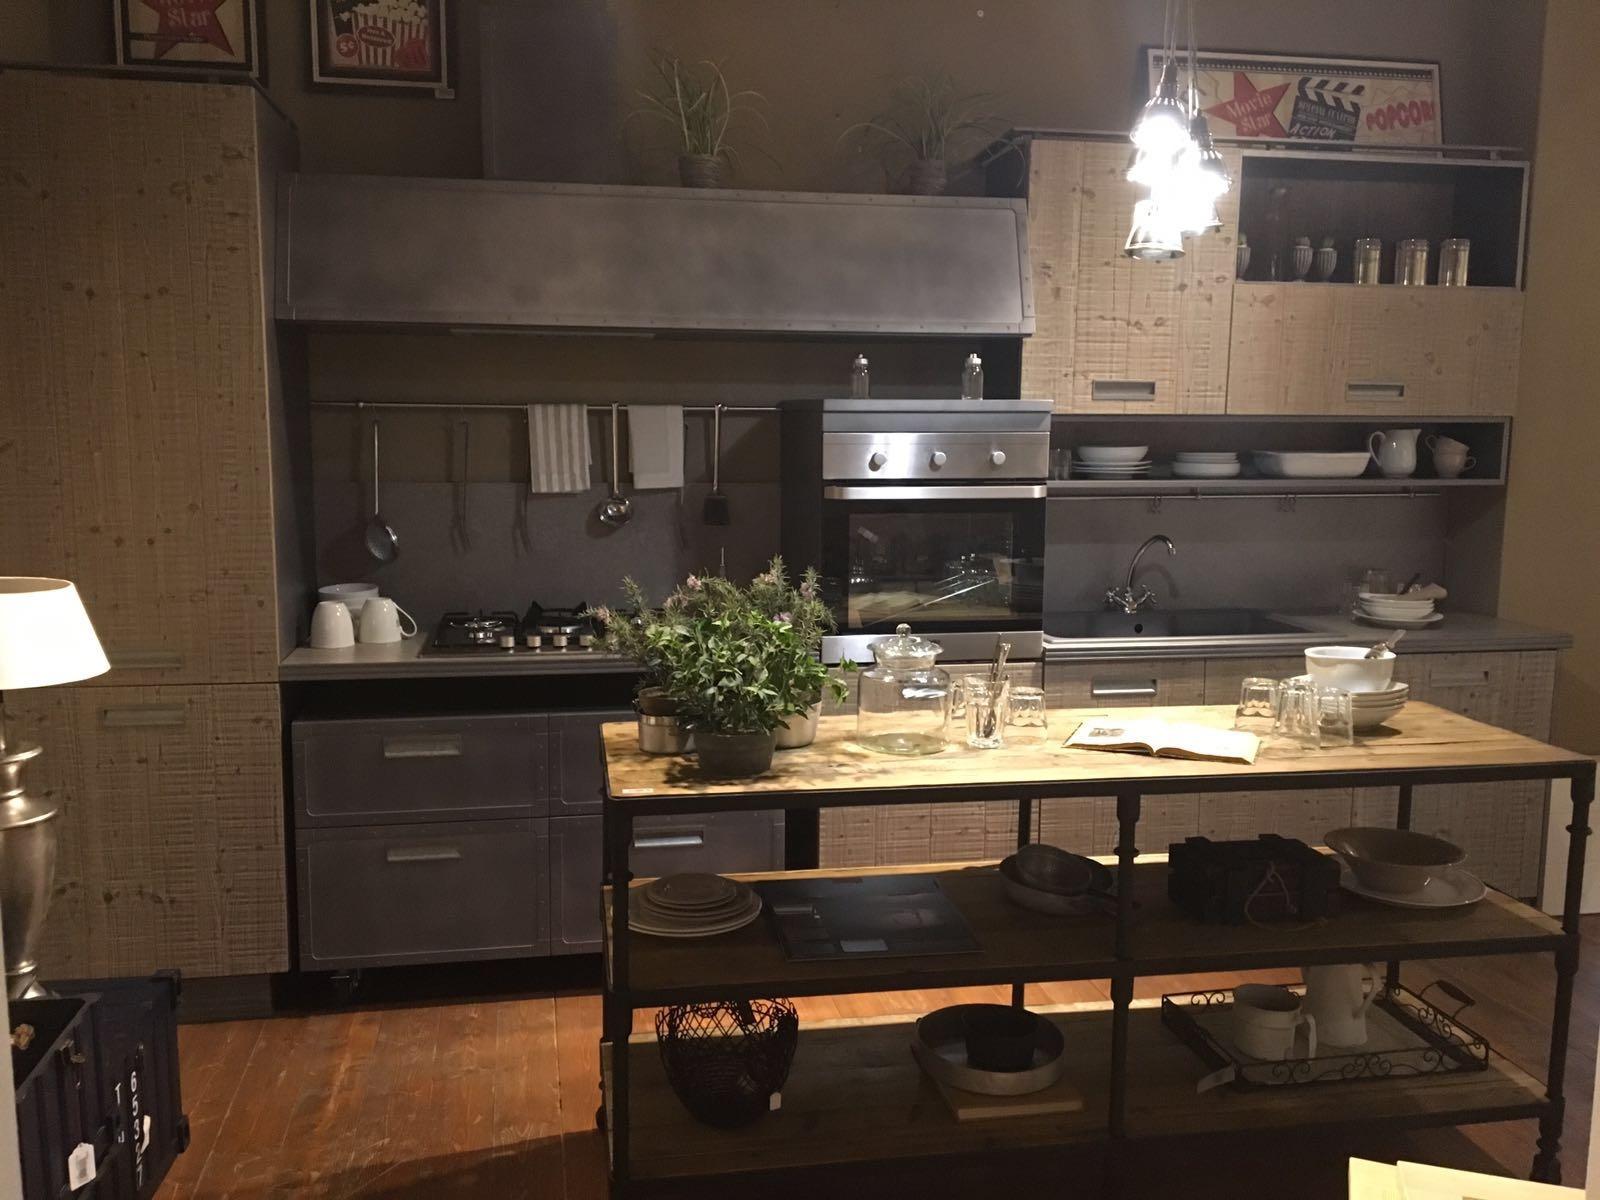 Cucina marchi st louis in rosa with cucina marchi top - Le migliori marche di cucine ...